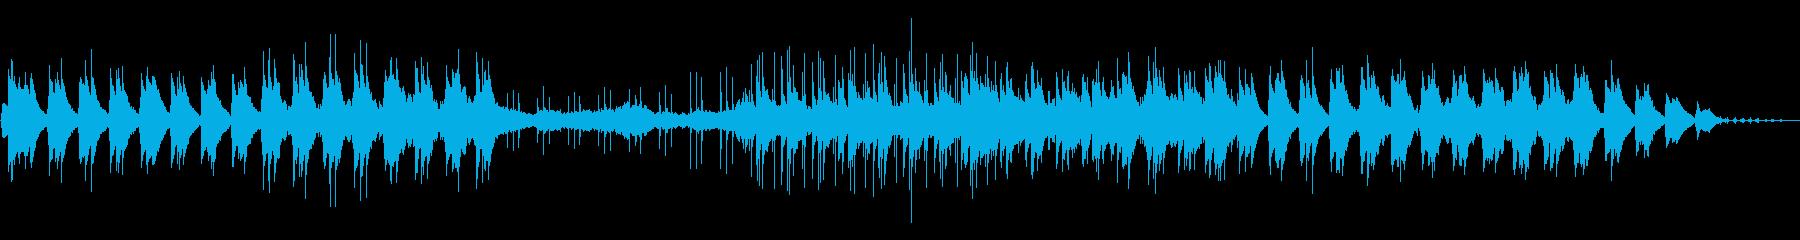 ピアノとストリングスのリゾート系バラードの再生済みの波形